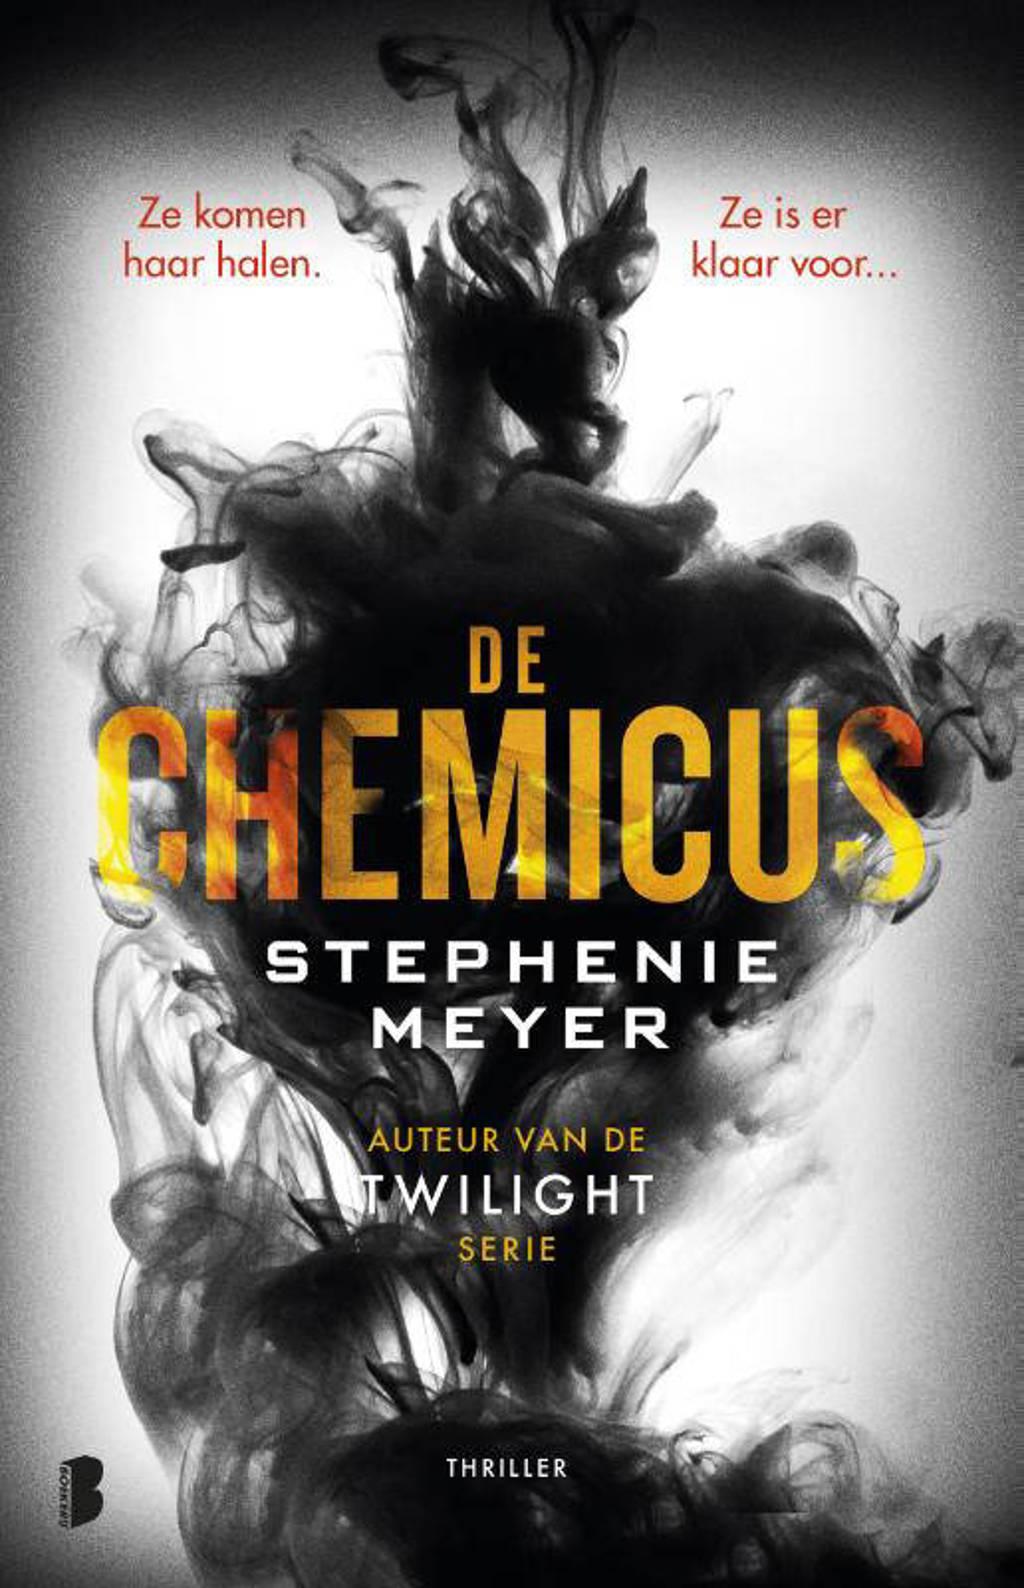 De chemicus - Stephenie Meyer